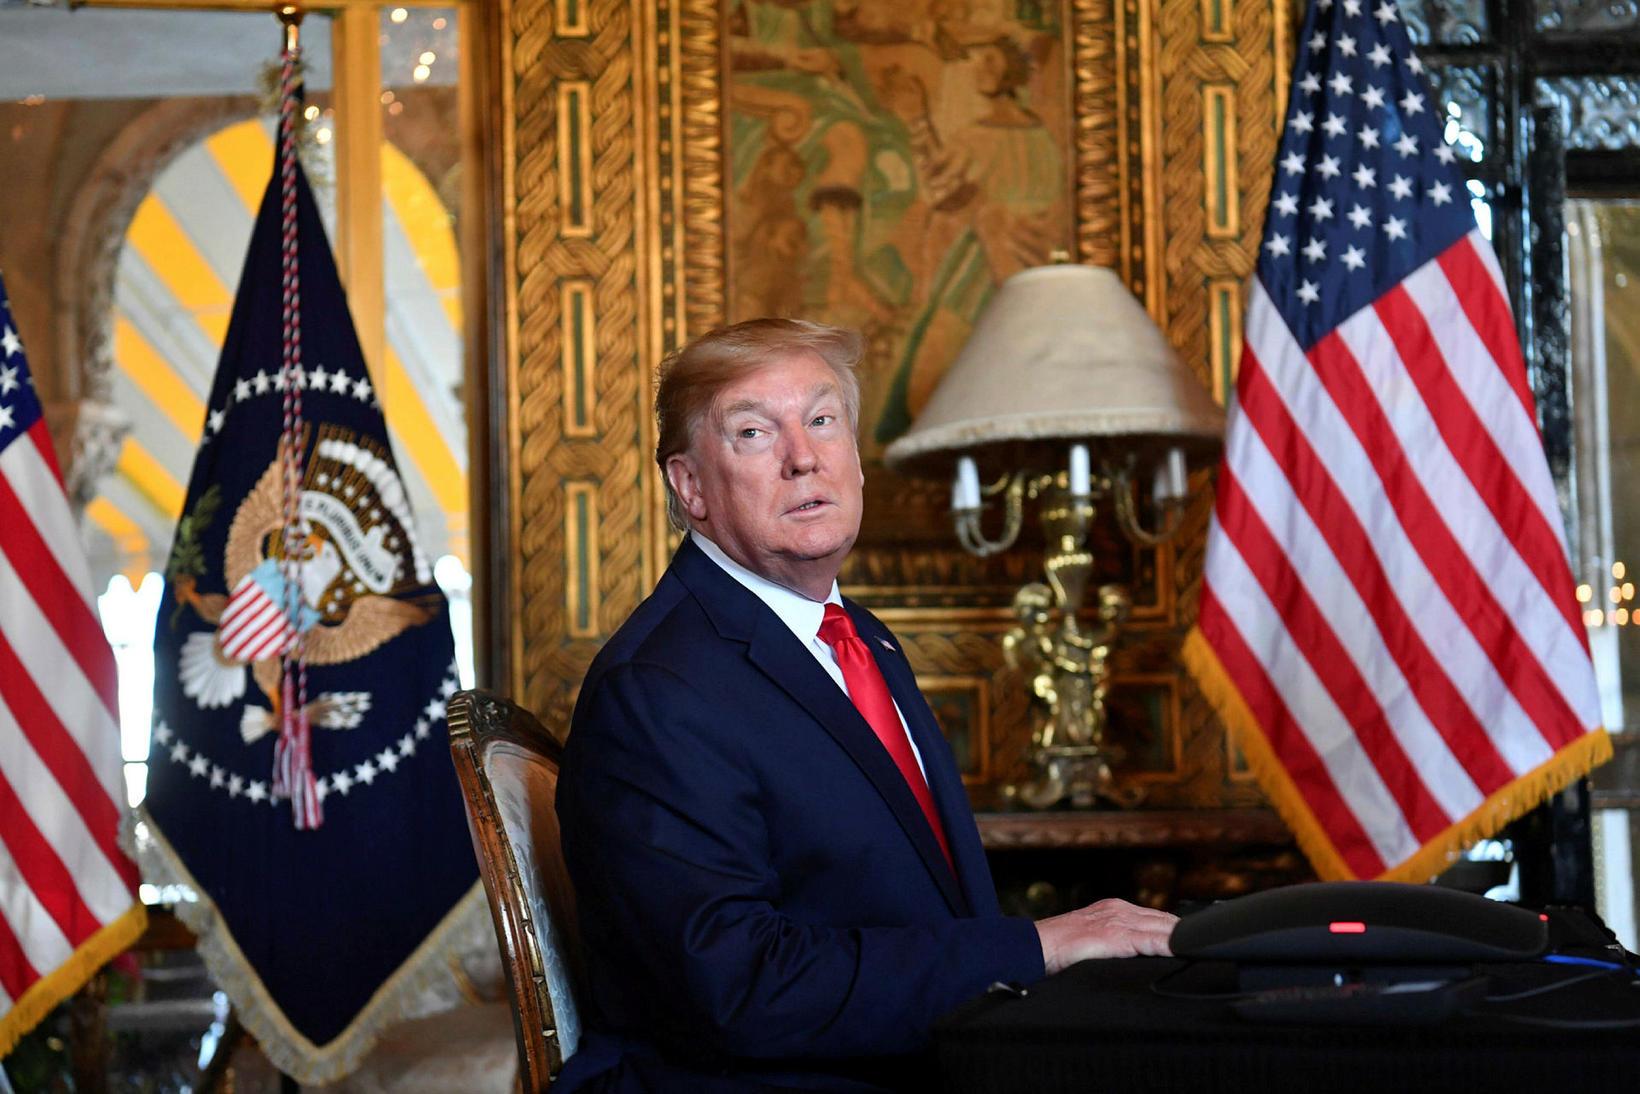 Donald Trump er óvenjulegasti Bandaríkjaforseti allra tíma.